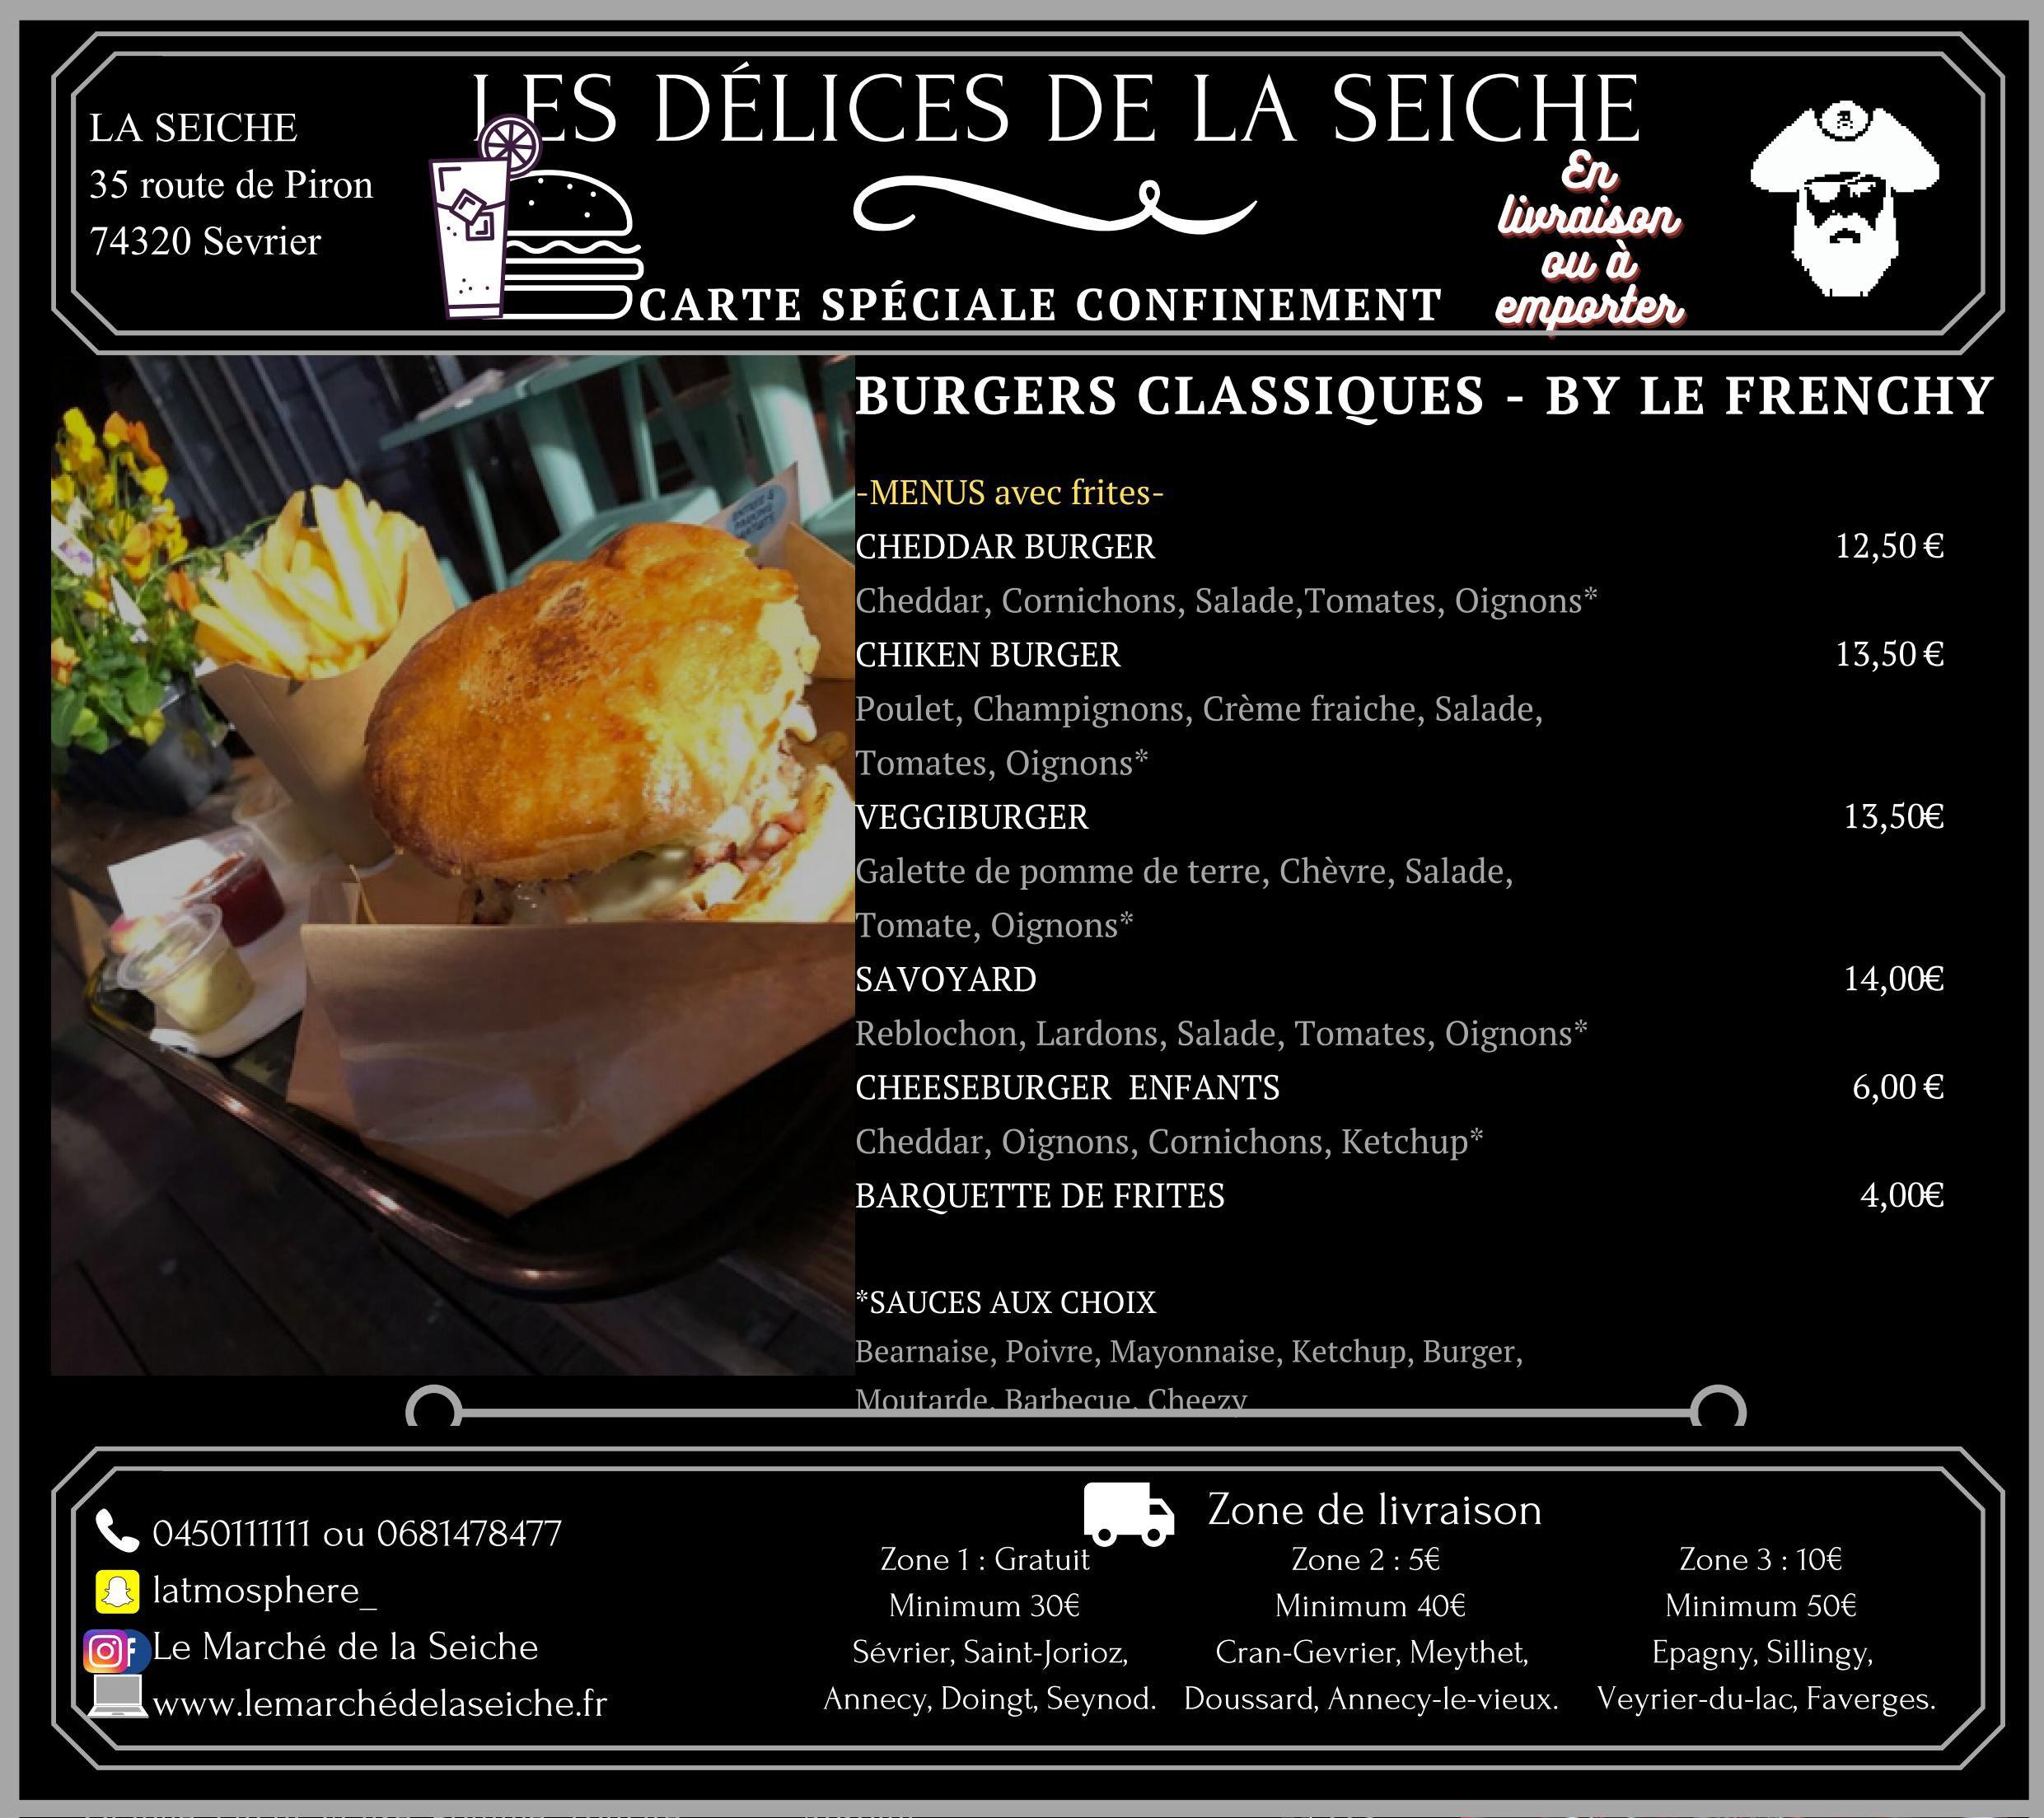 Carte burgers livraison et emporter confinement automne - La Seiche - Sevrier - Annecy - Saint-Jorioz -Faverges